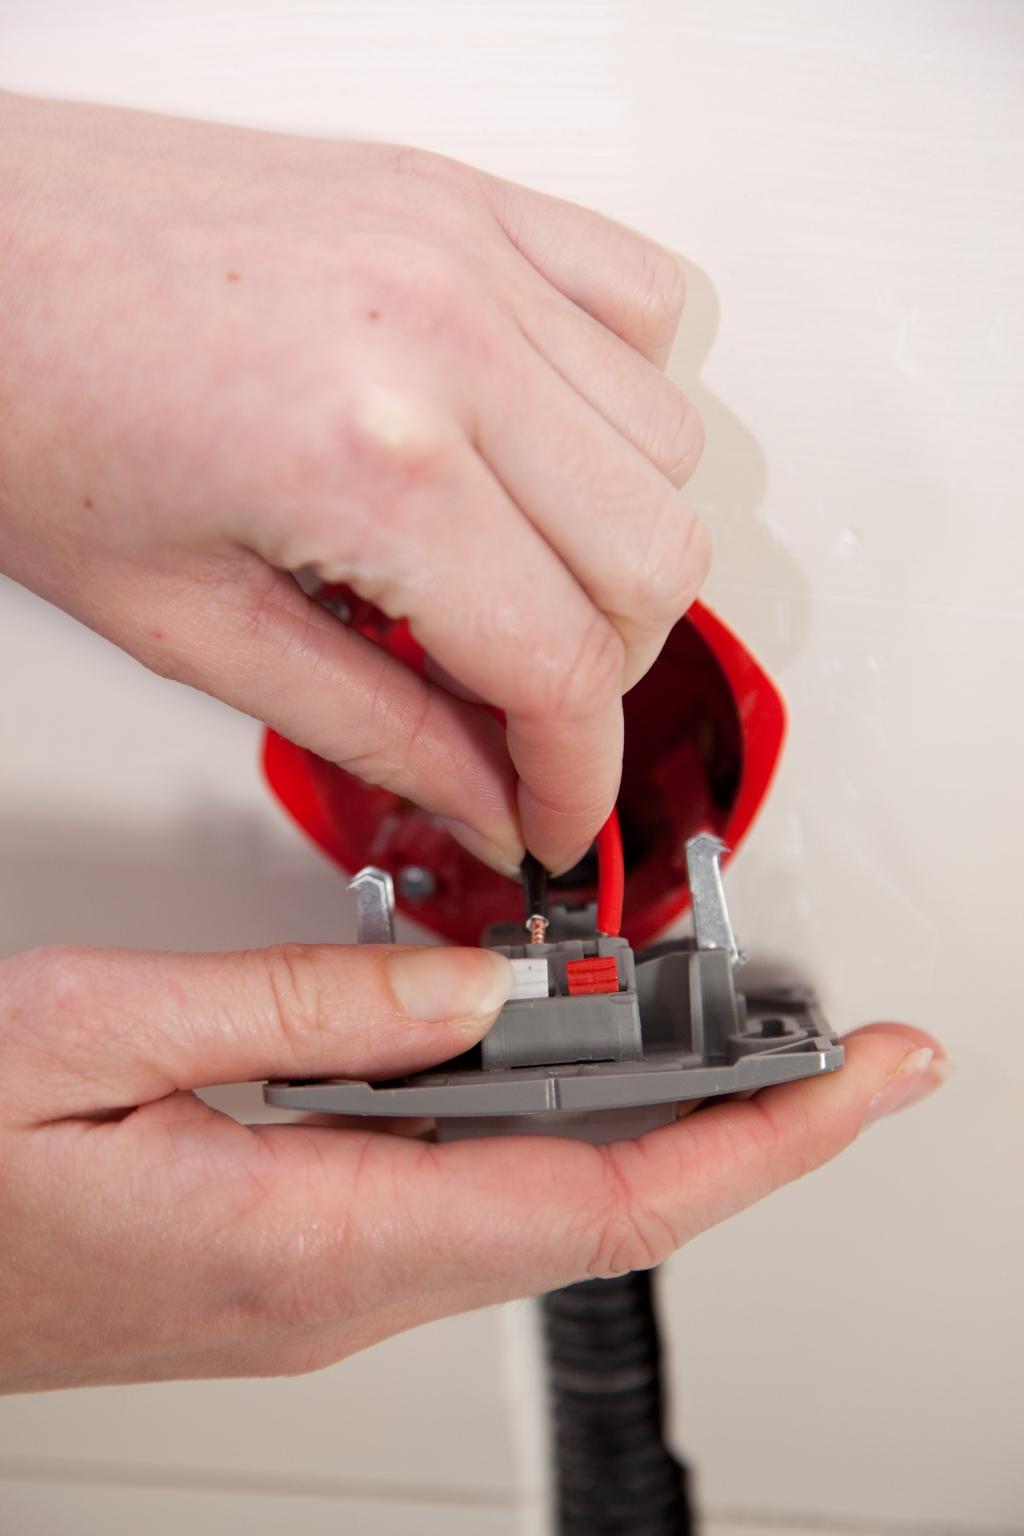 Installer un interrupteur encastré - Étape 13